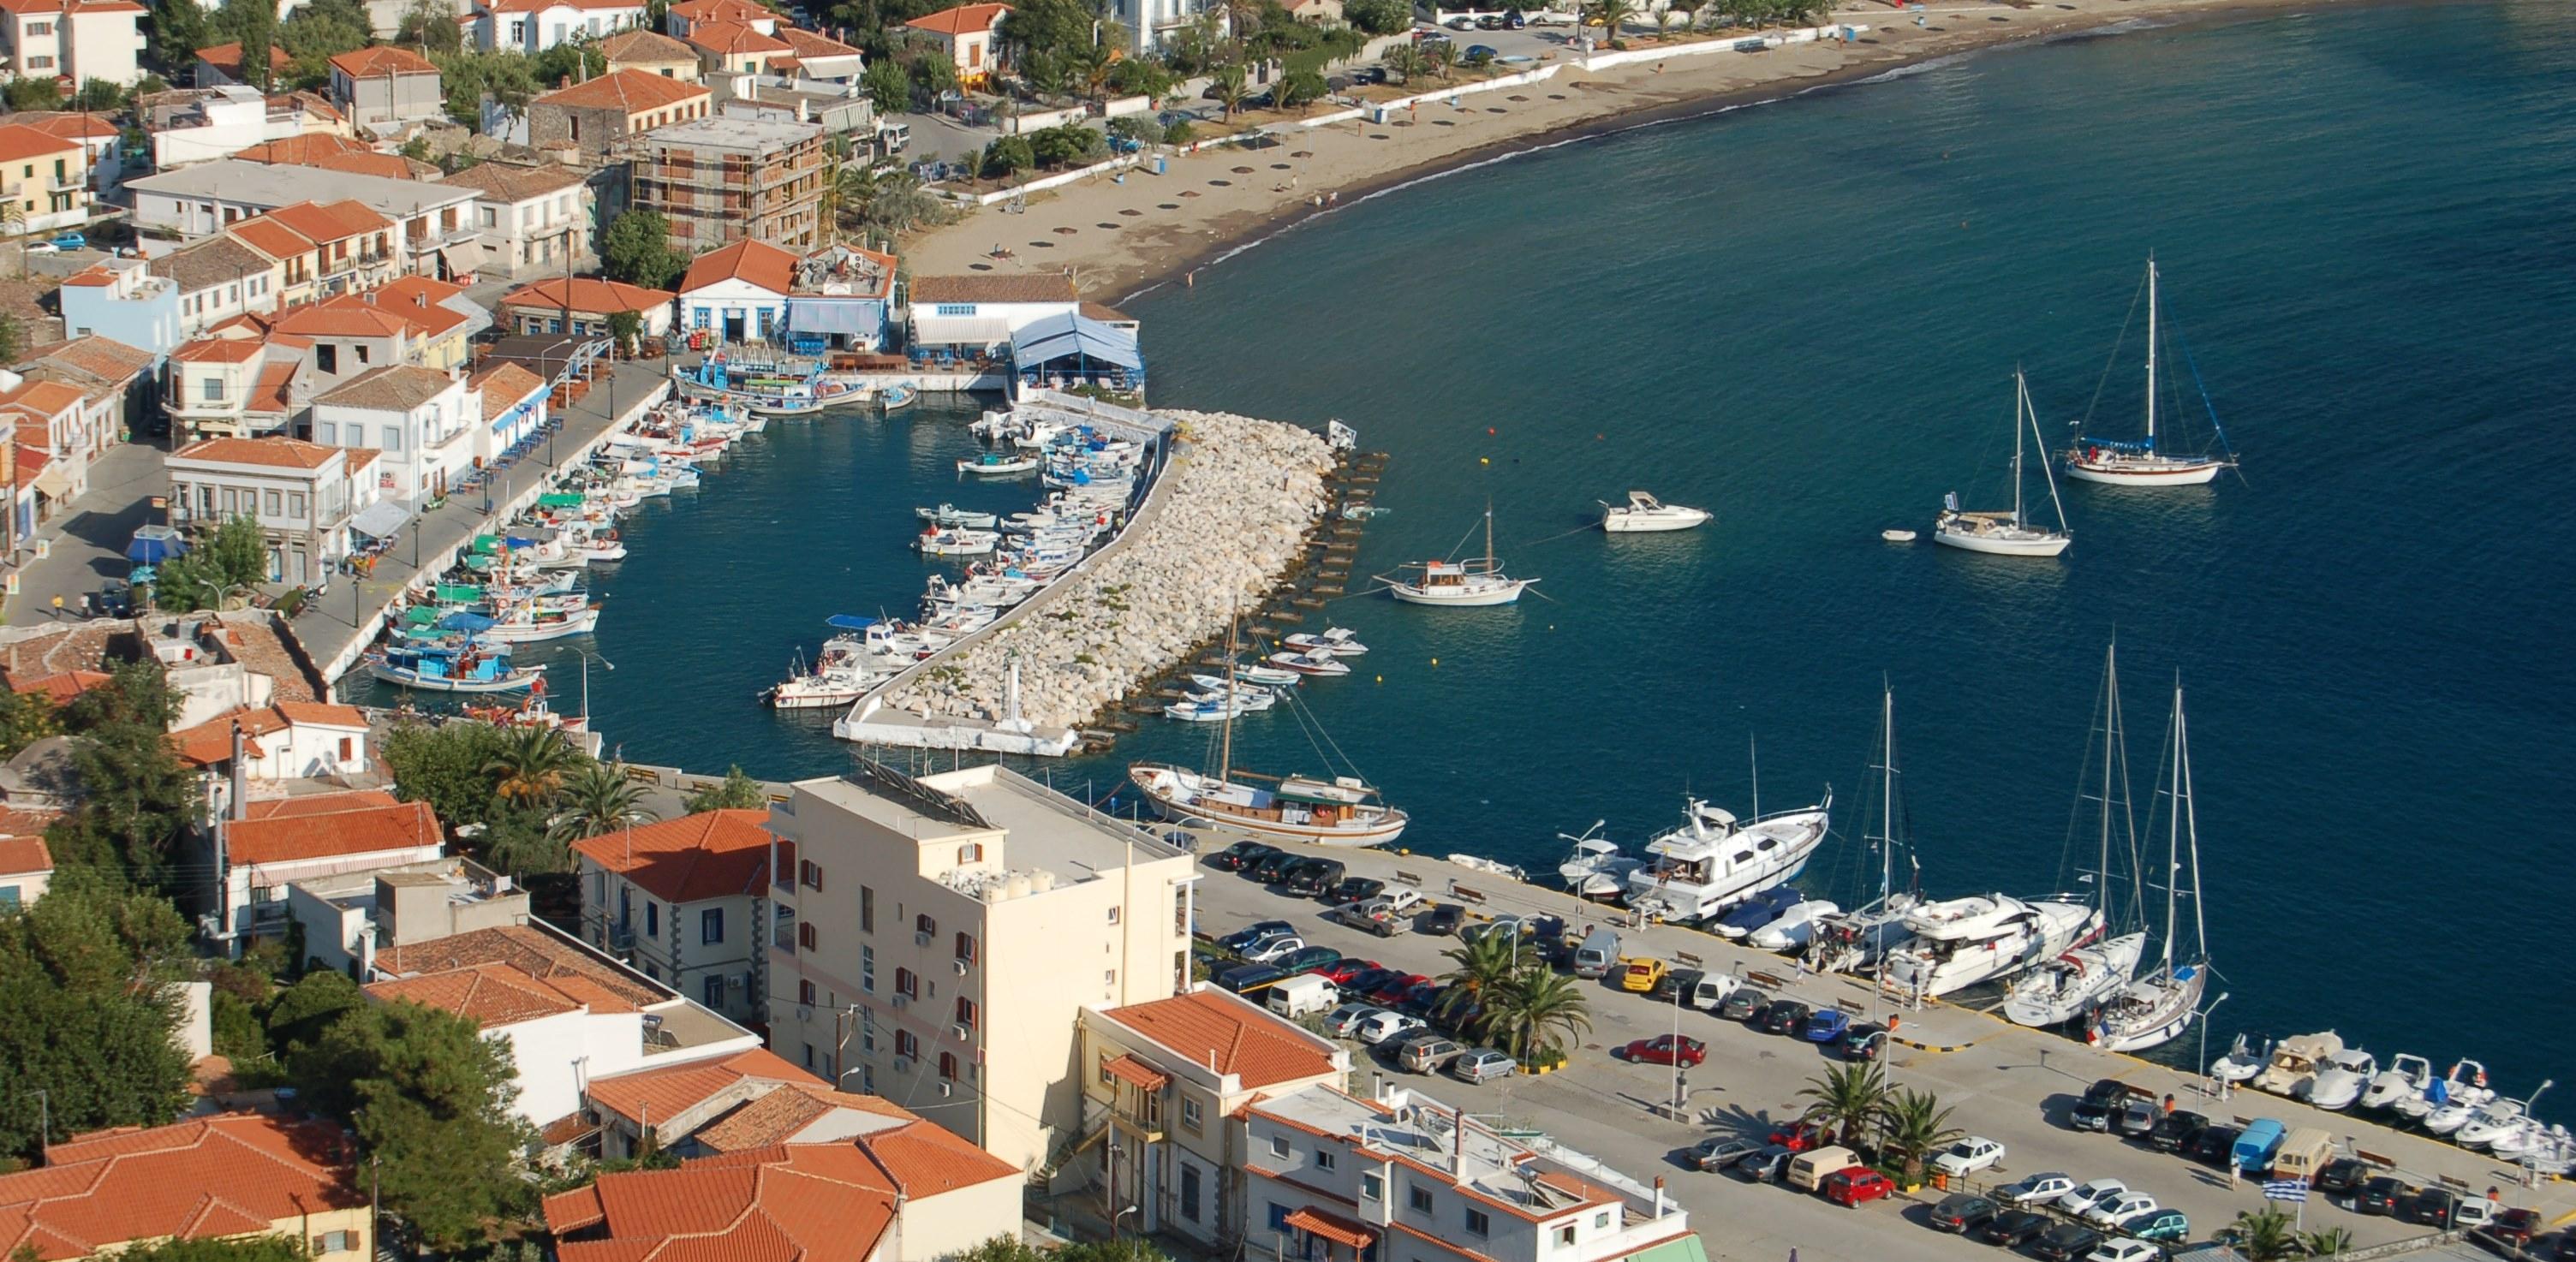 Noleggio Barche Myrina – Isola di Limnos - Navalia   Noleggia un Sogno